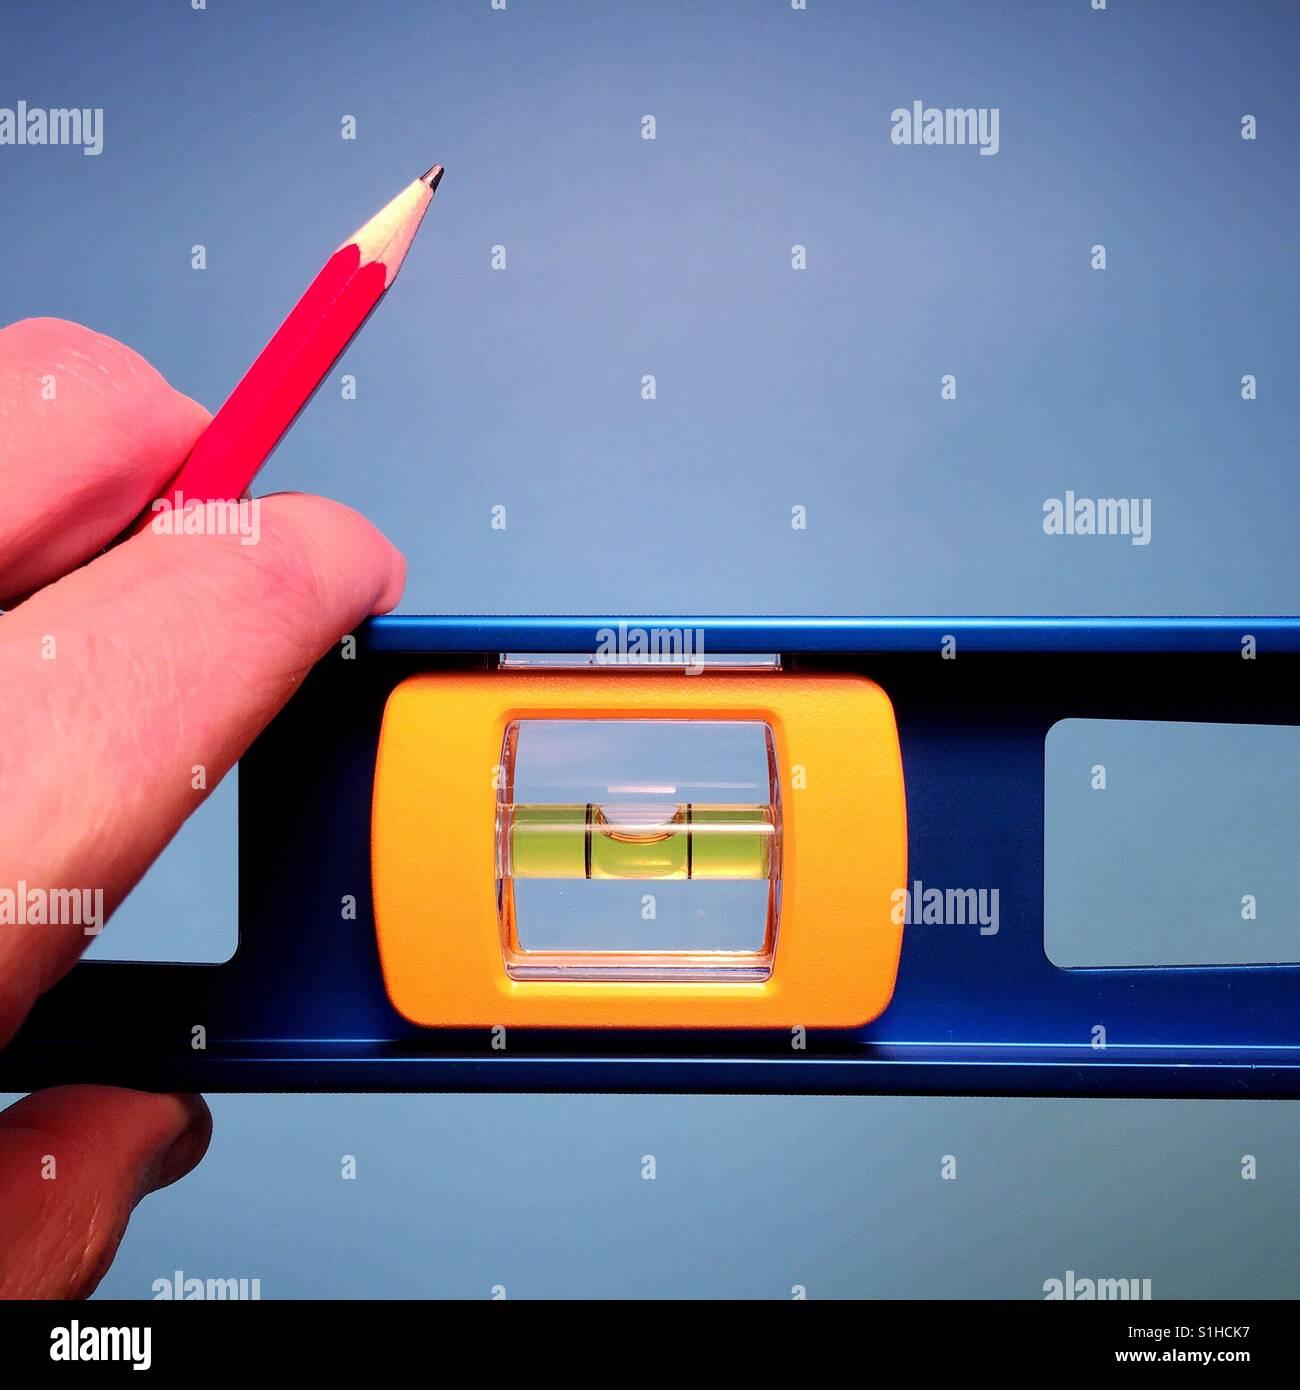 Eine Nahaufnahme eines Mannes mit einer Wasserwaage und einem roten Bleistift auf blauem Grund Stockbild